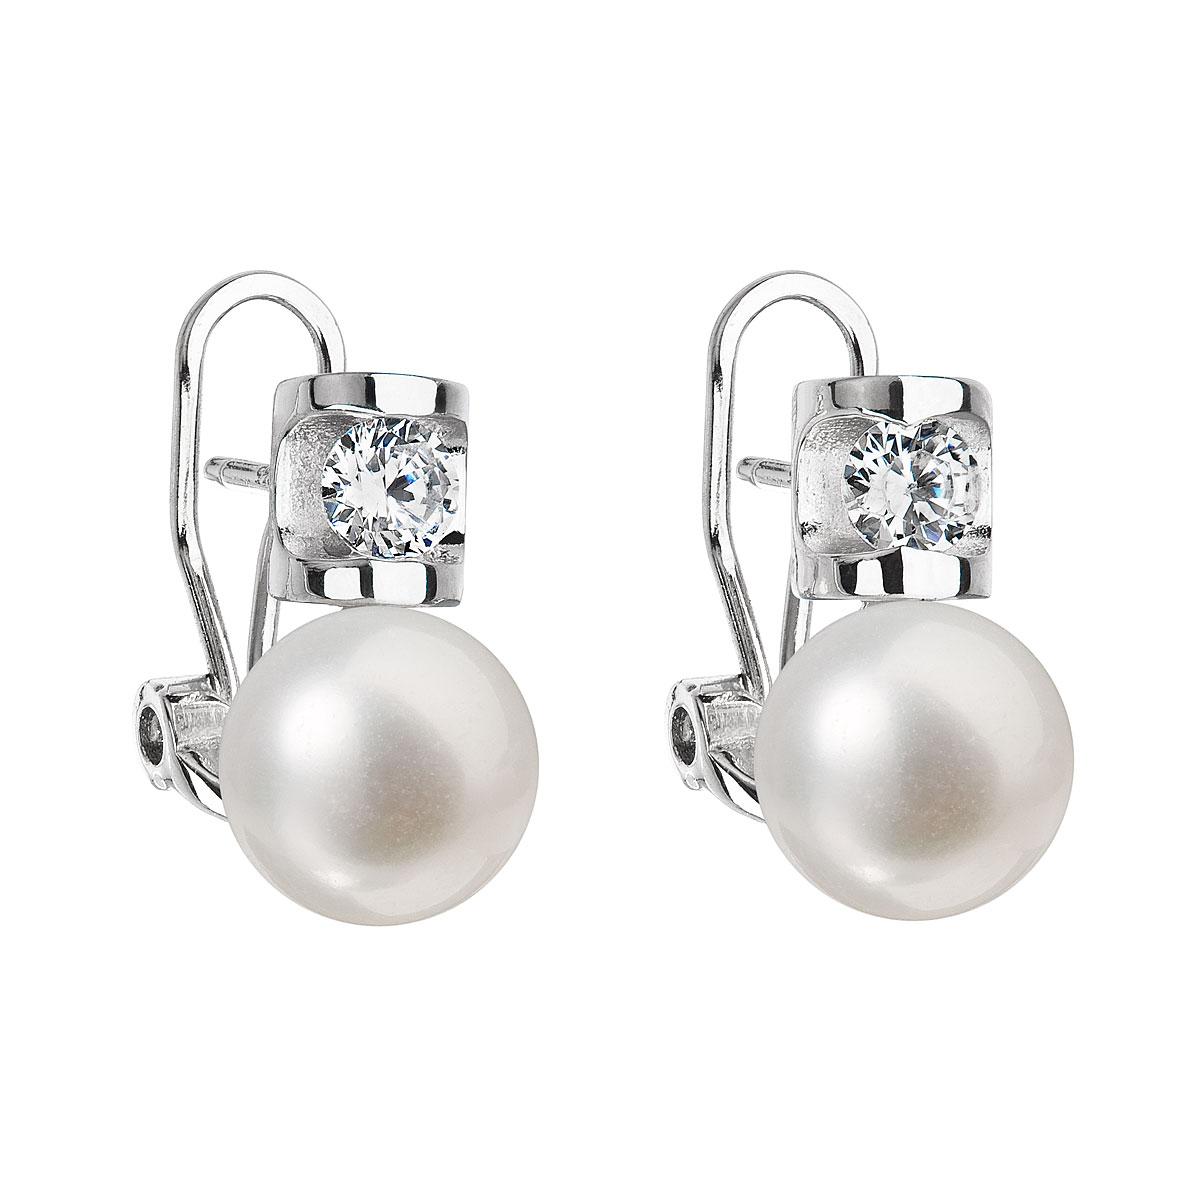 Stříbrné náušnice visací s bílou říční perlou 21018.1 fd62deb129b